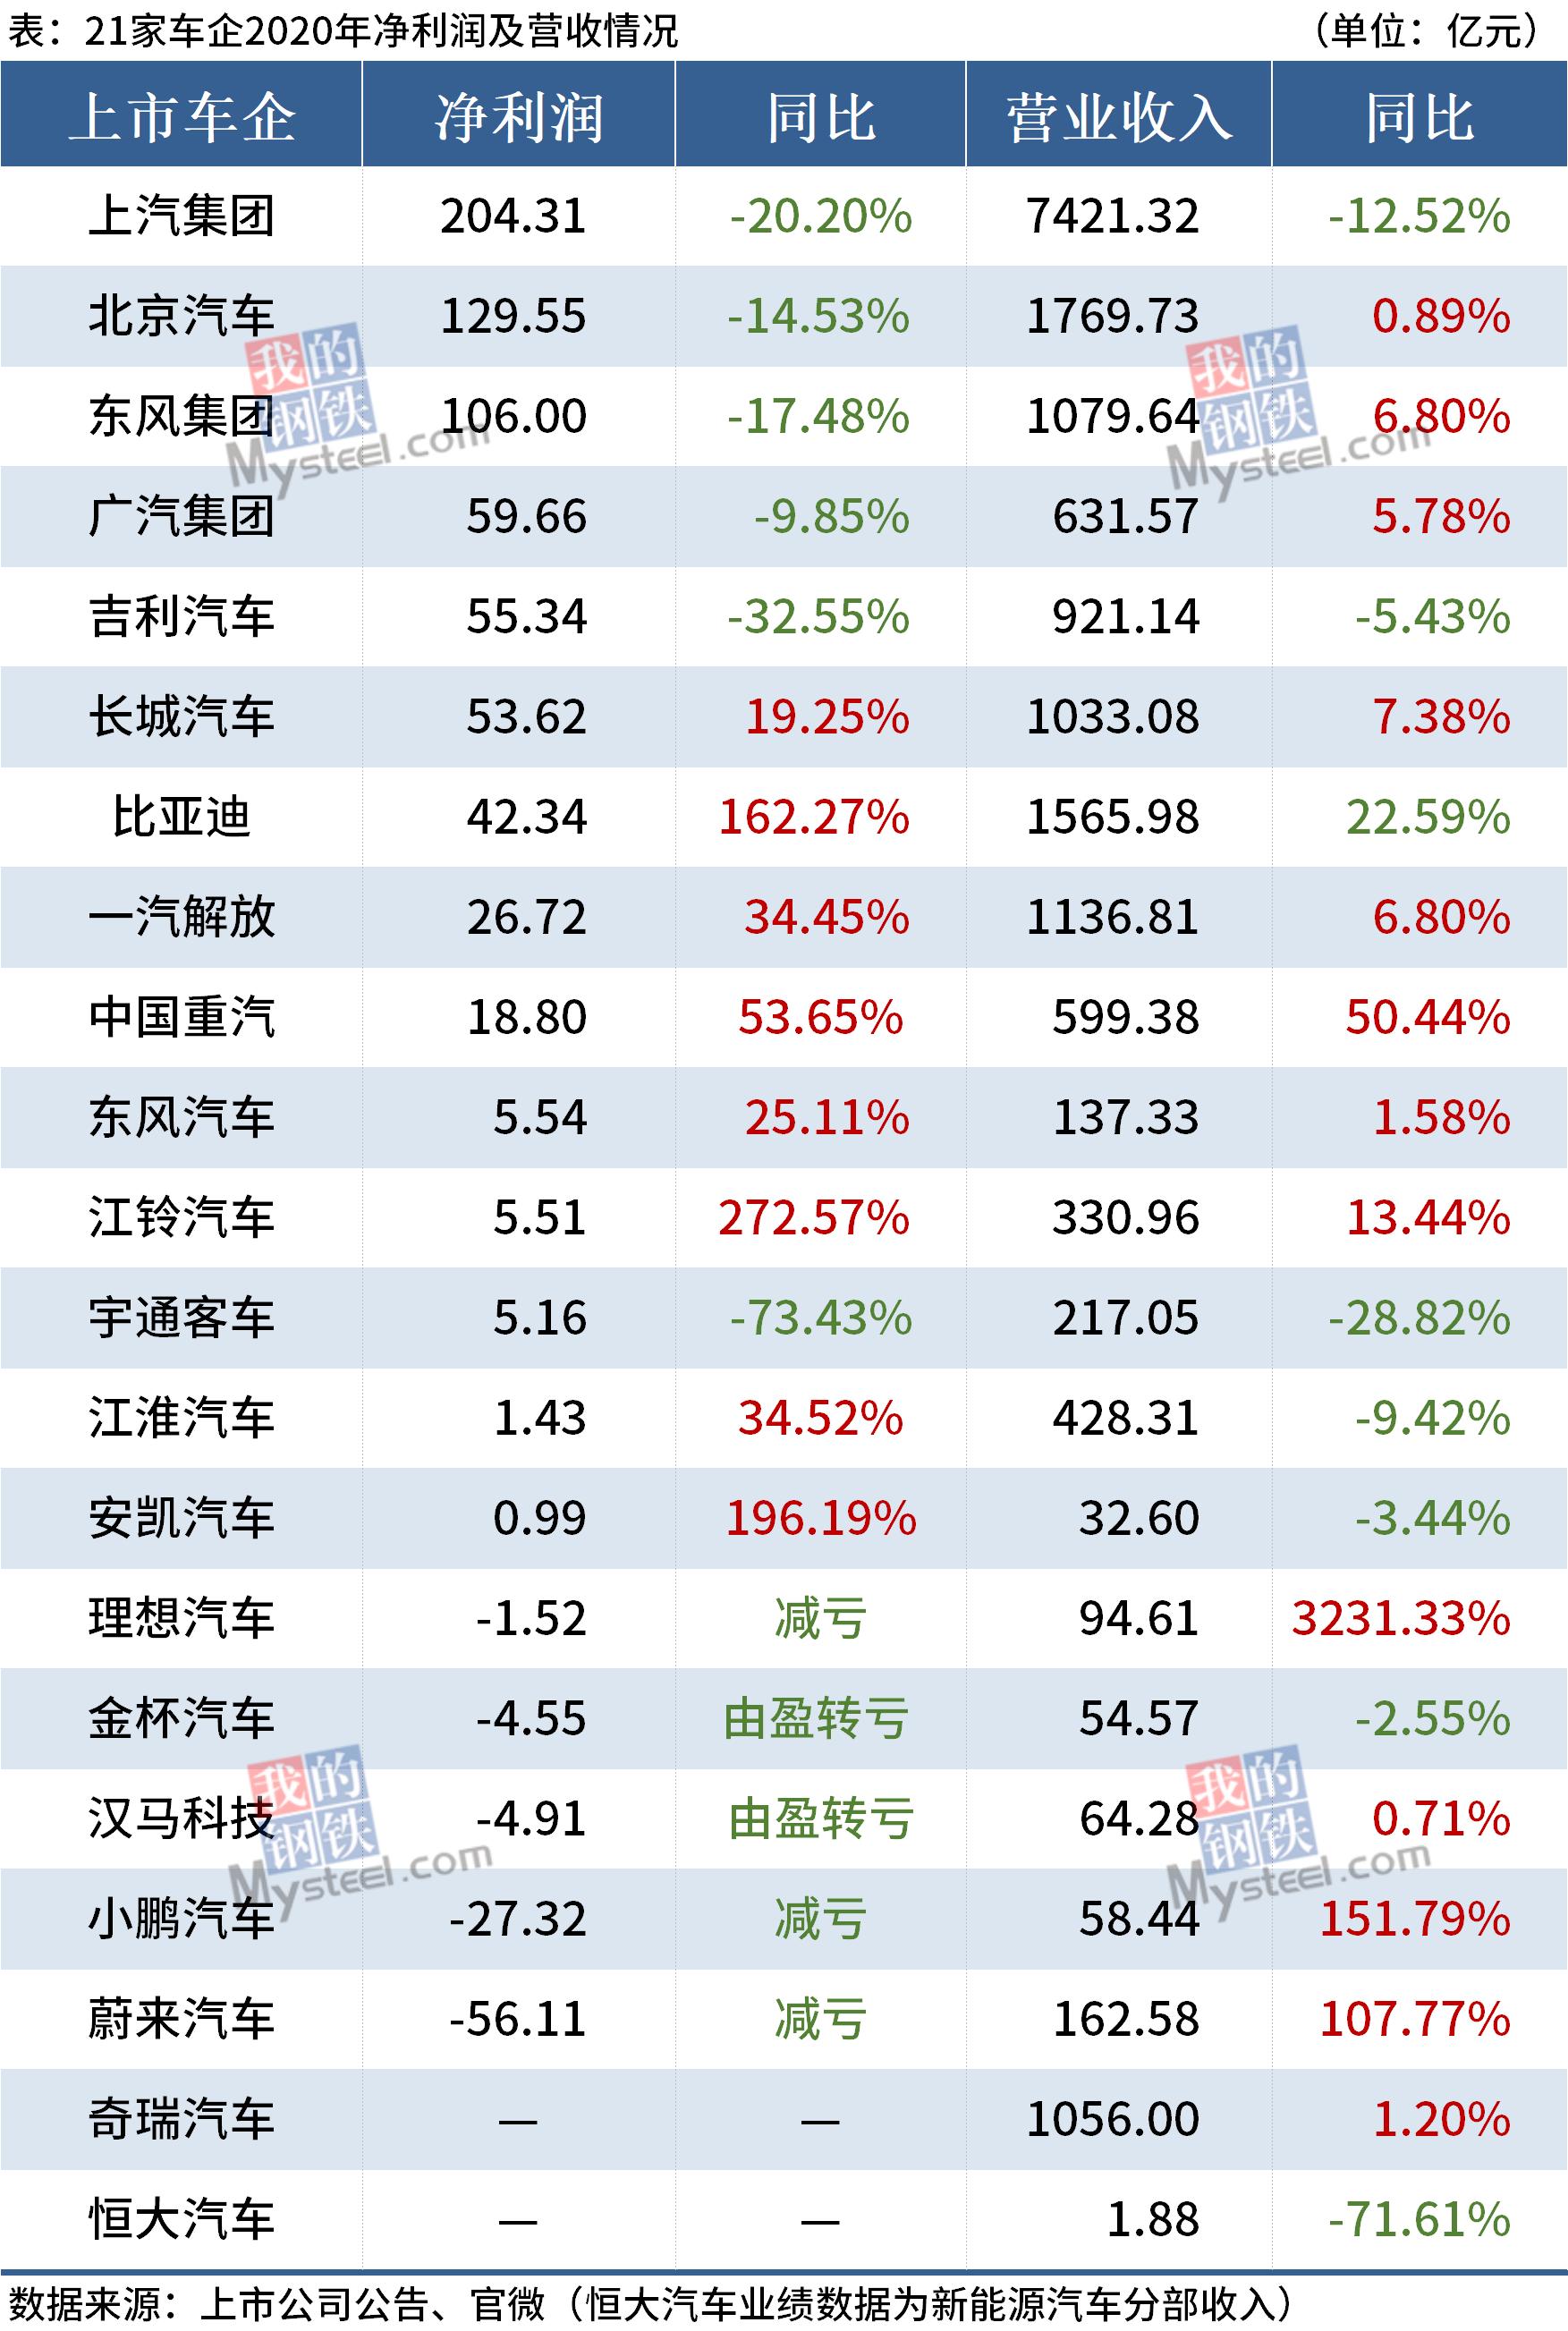 21家车企2020年业绩PK :8家净利正增长